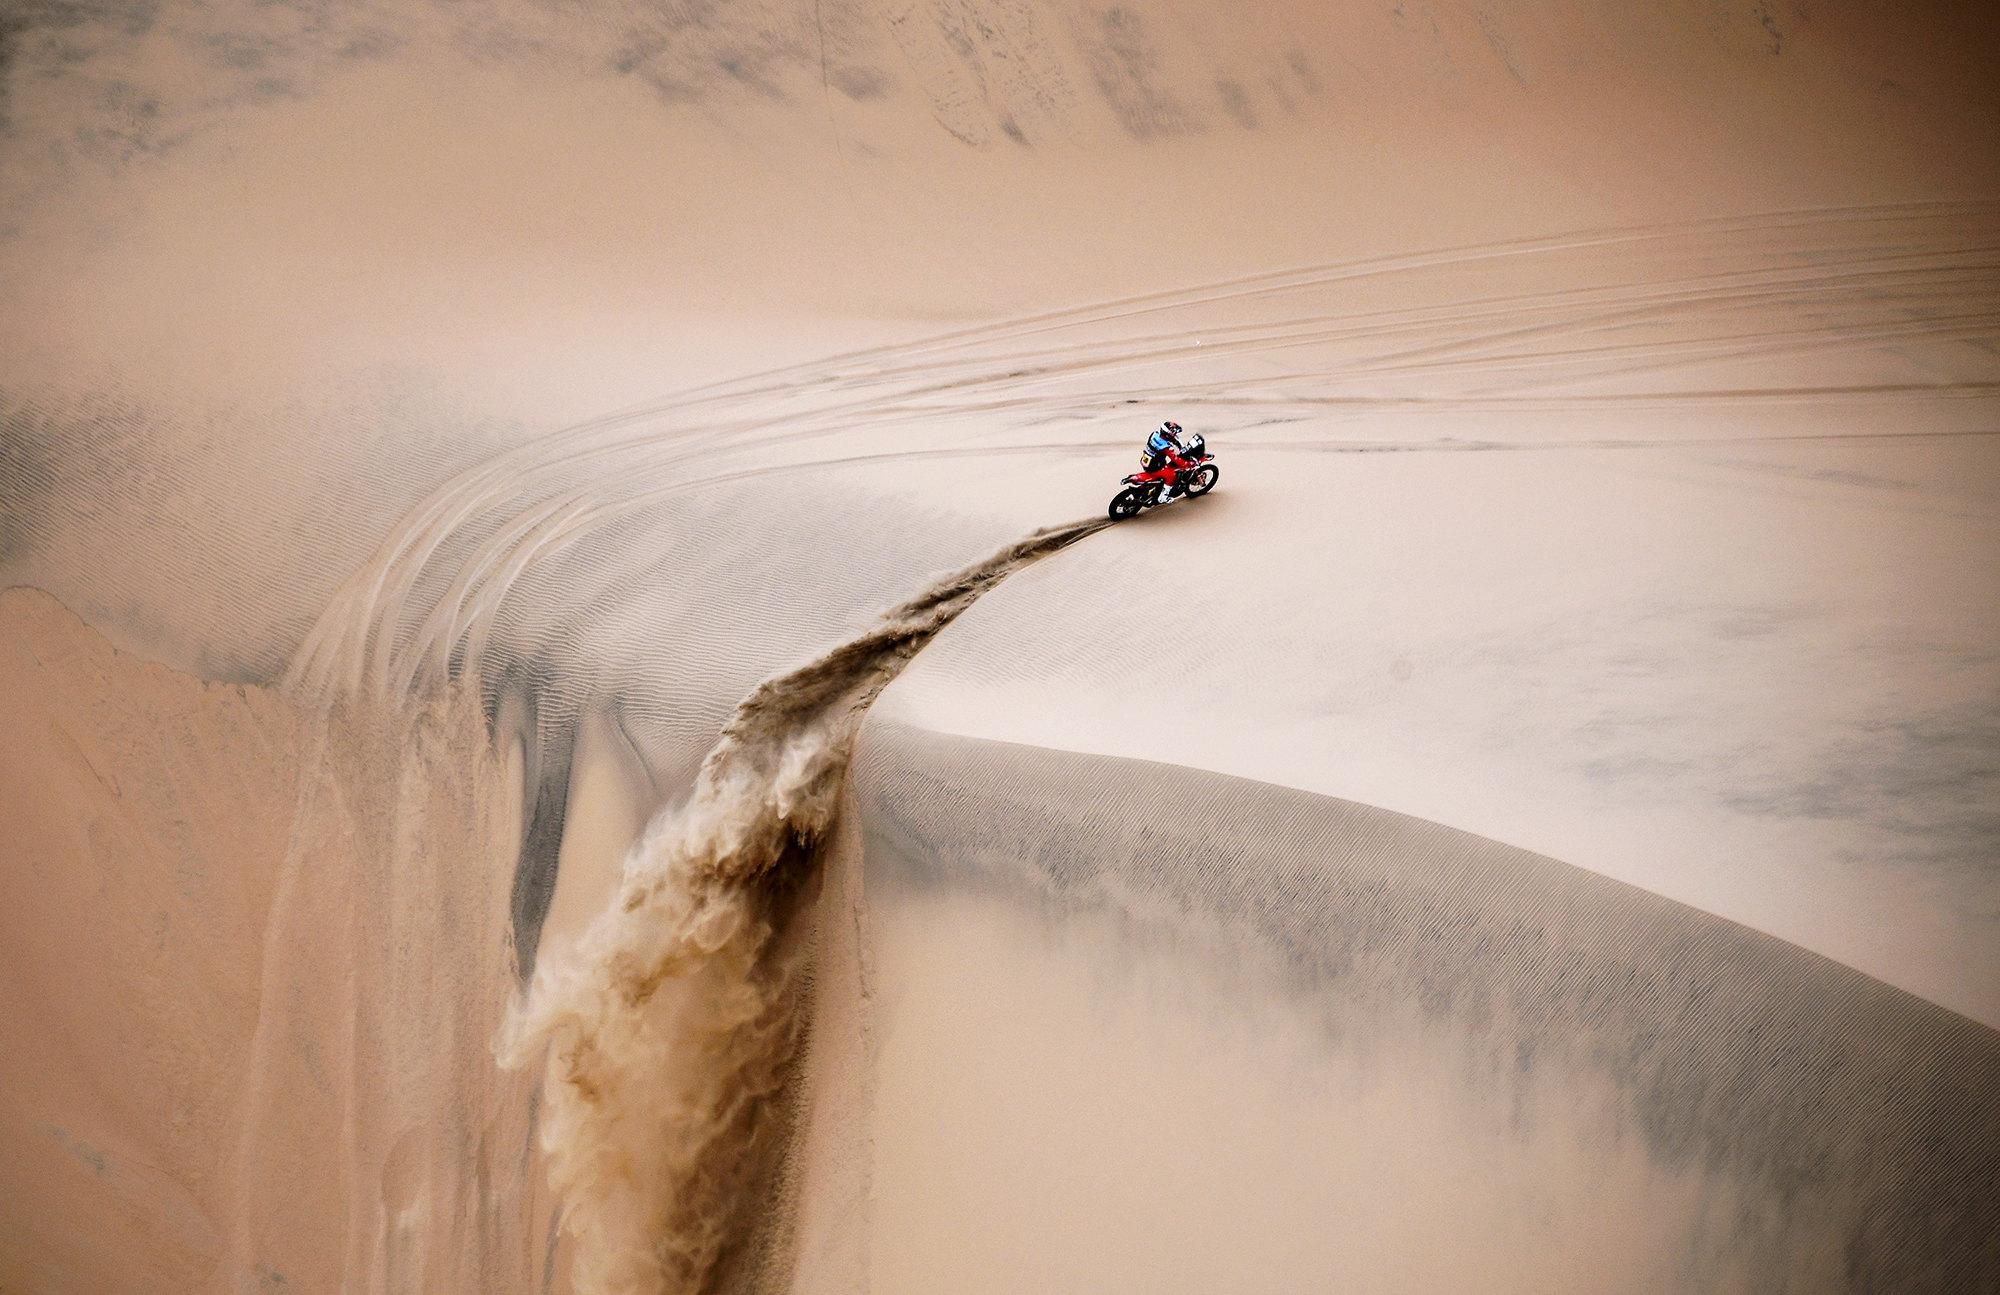 2019 году ралли «Дакар» длится с6 по17 января. Вэтих трансконтинентальных гонках участвуют как профессионалы, так илюбители, а помимо раллийных автомобилей вних есть зачеты среди мотоциклов, квадроциклов, мотовездеходов игрузовиков. Нафото мотоциклист Хосе Игнасио Флоримо Корнейо пытается справиться спесками пустыни вПеру, где проходит часть трассы ралли вэтом году, 15 января 2019